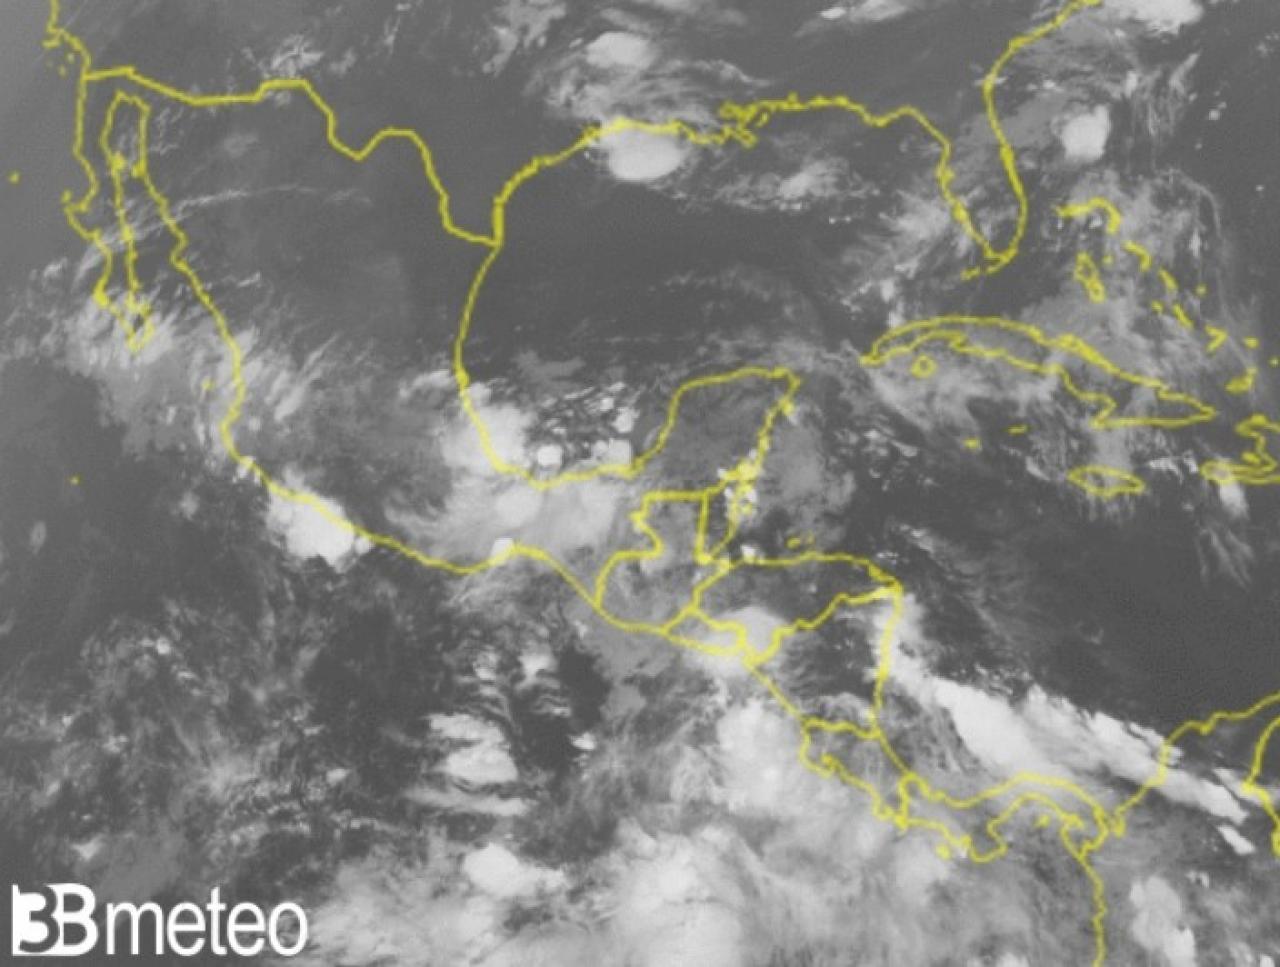 Meteo. Situazione satellite tra Atlantico e Golfo del Messico